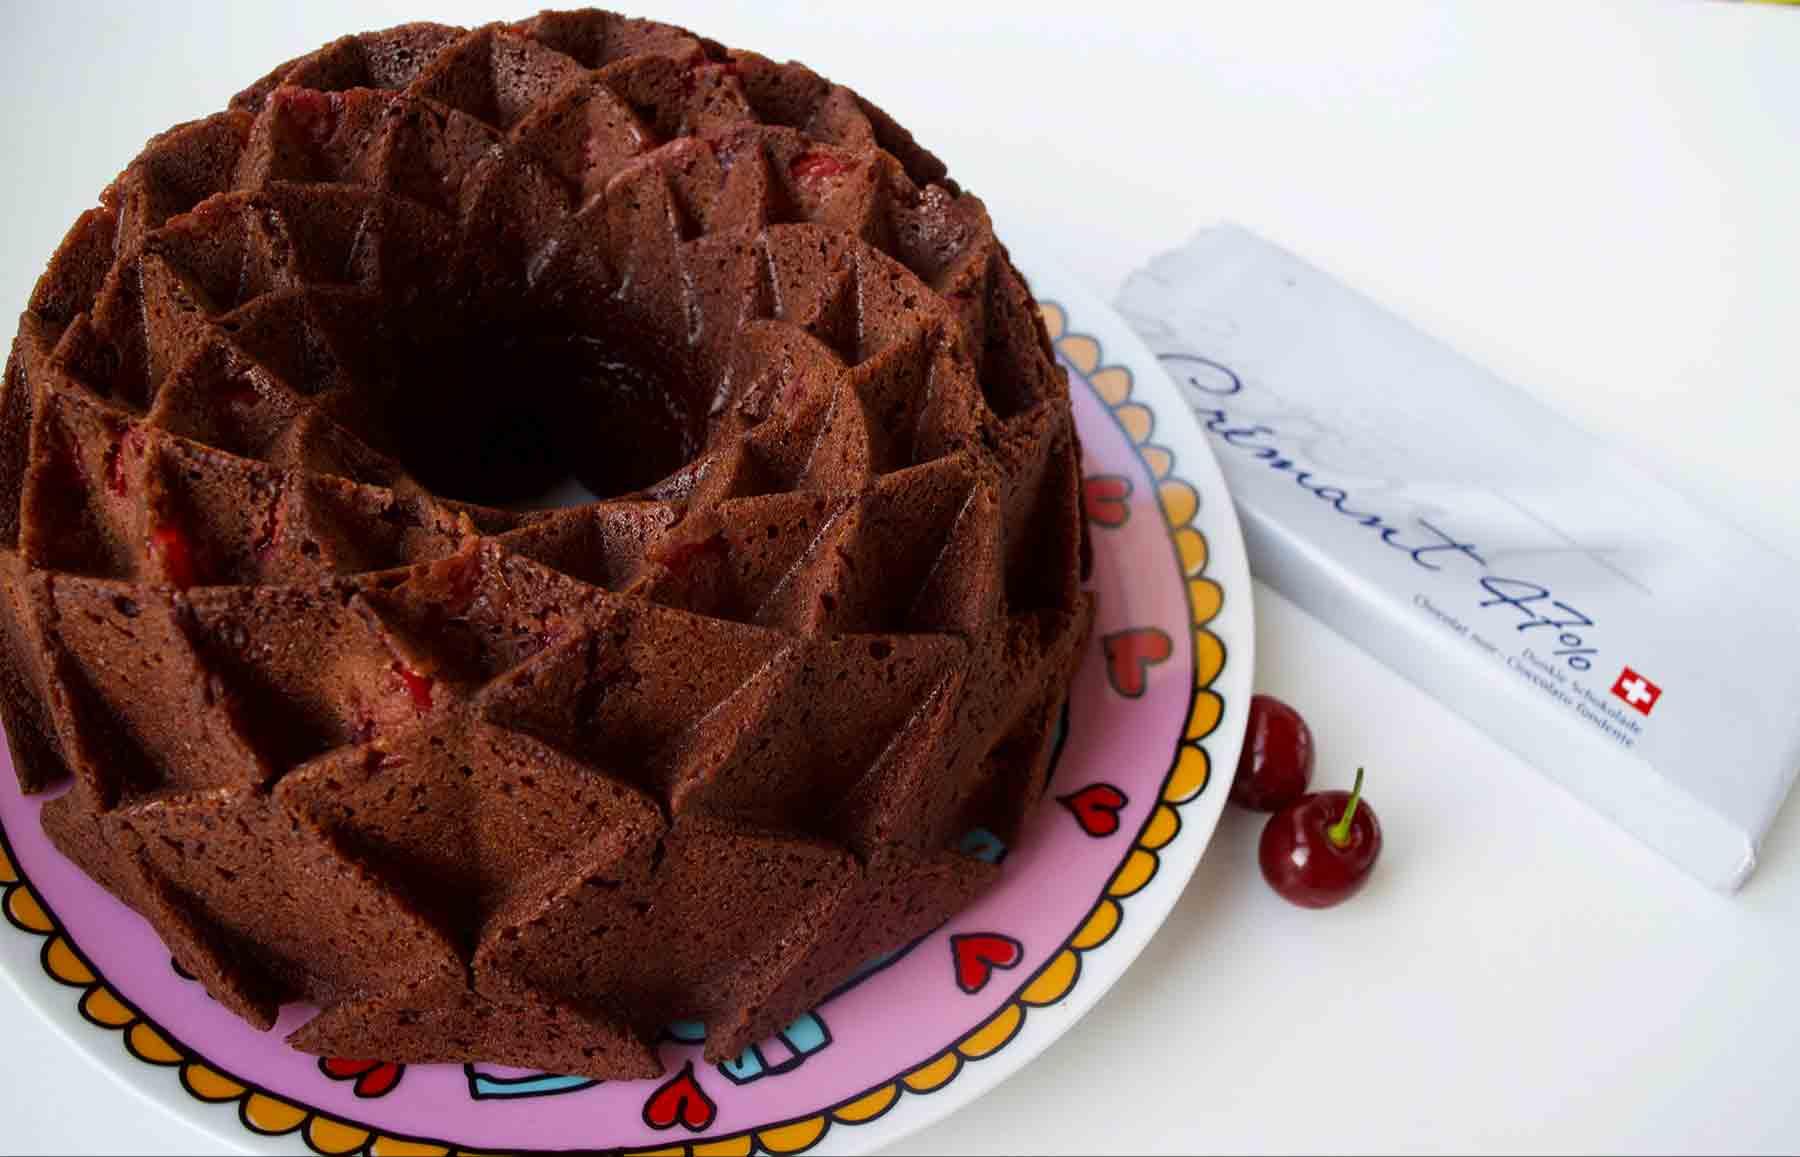 plum cakec hocolate y cerezas